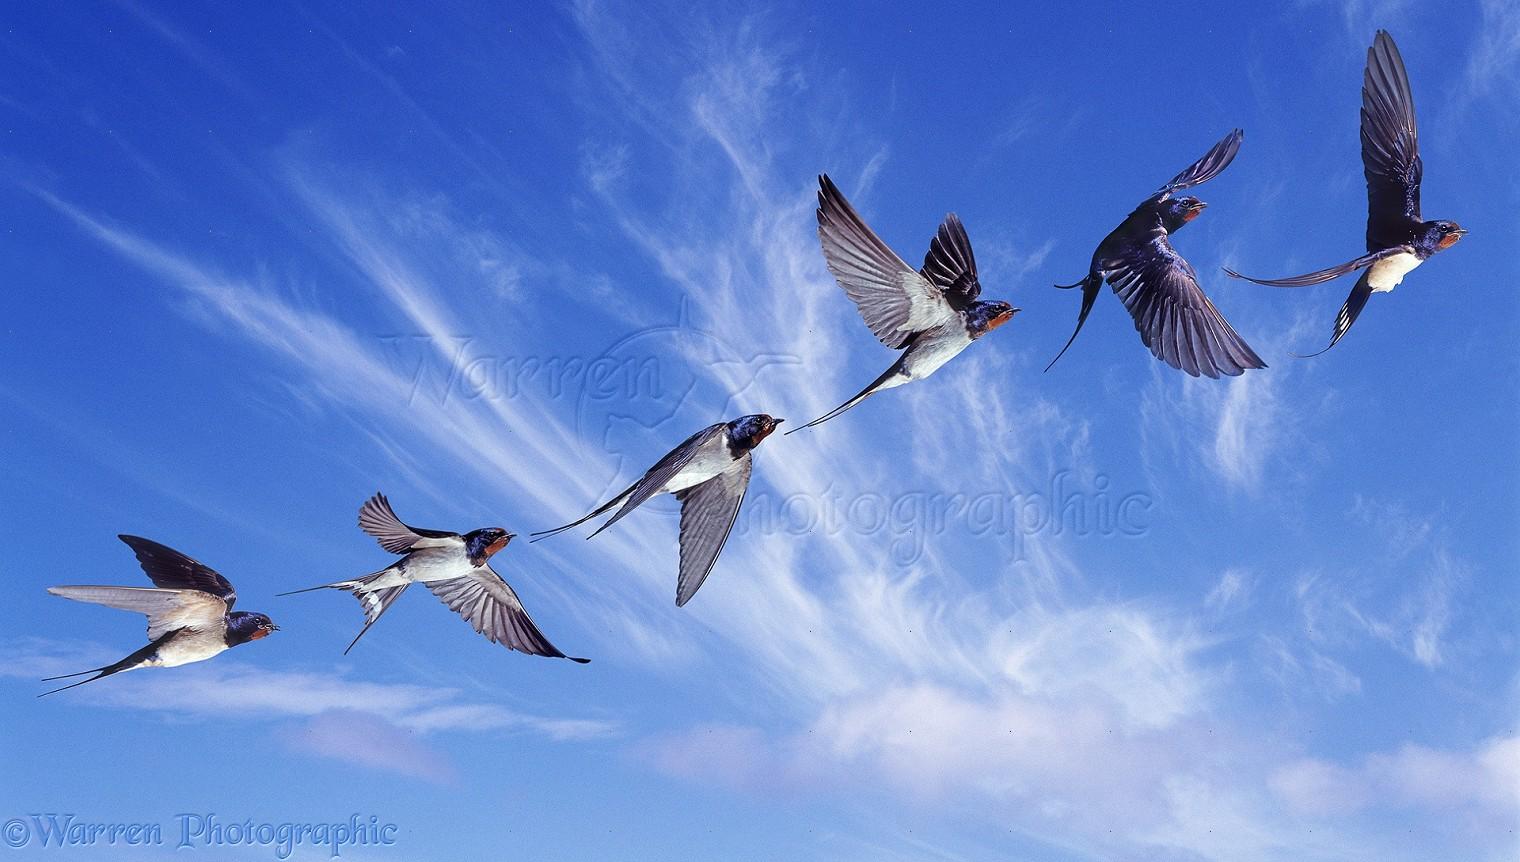 Barn swallow videos, photos and facts - Hirundo rustica Swallow in flight photos